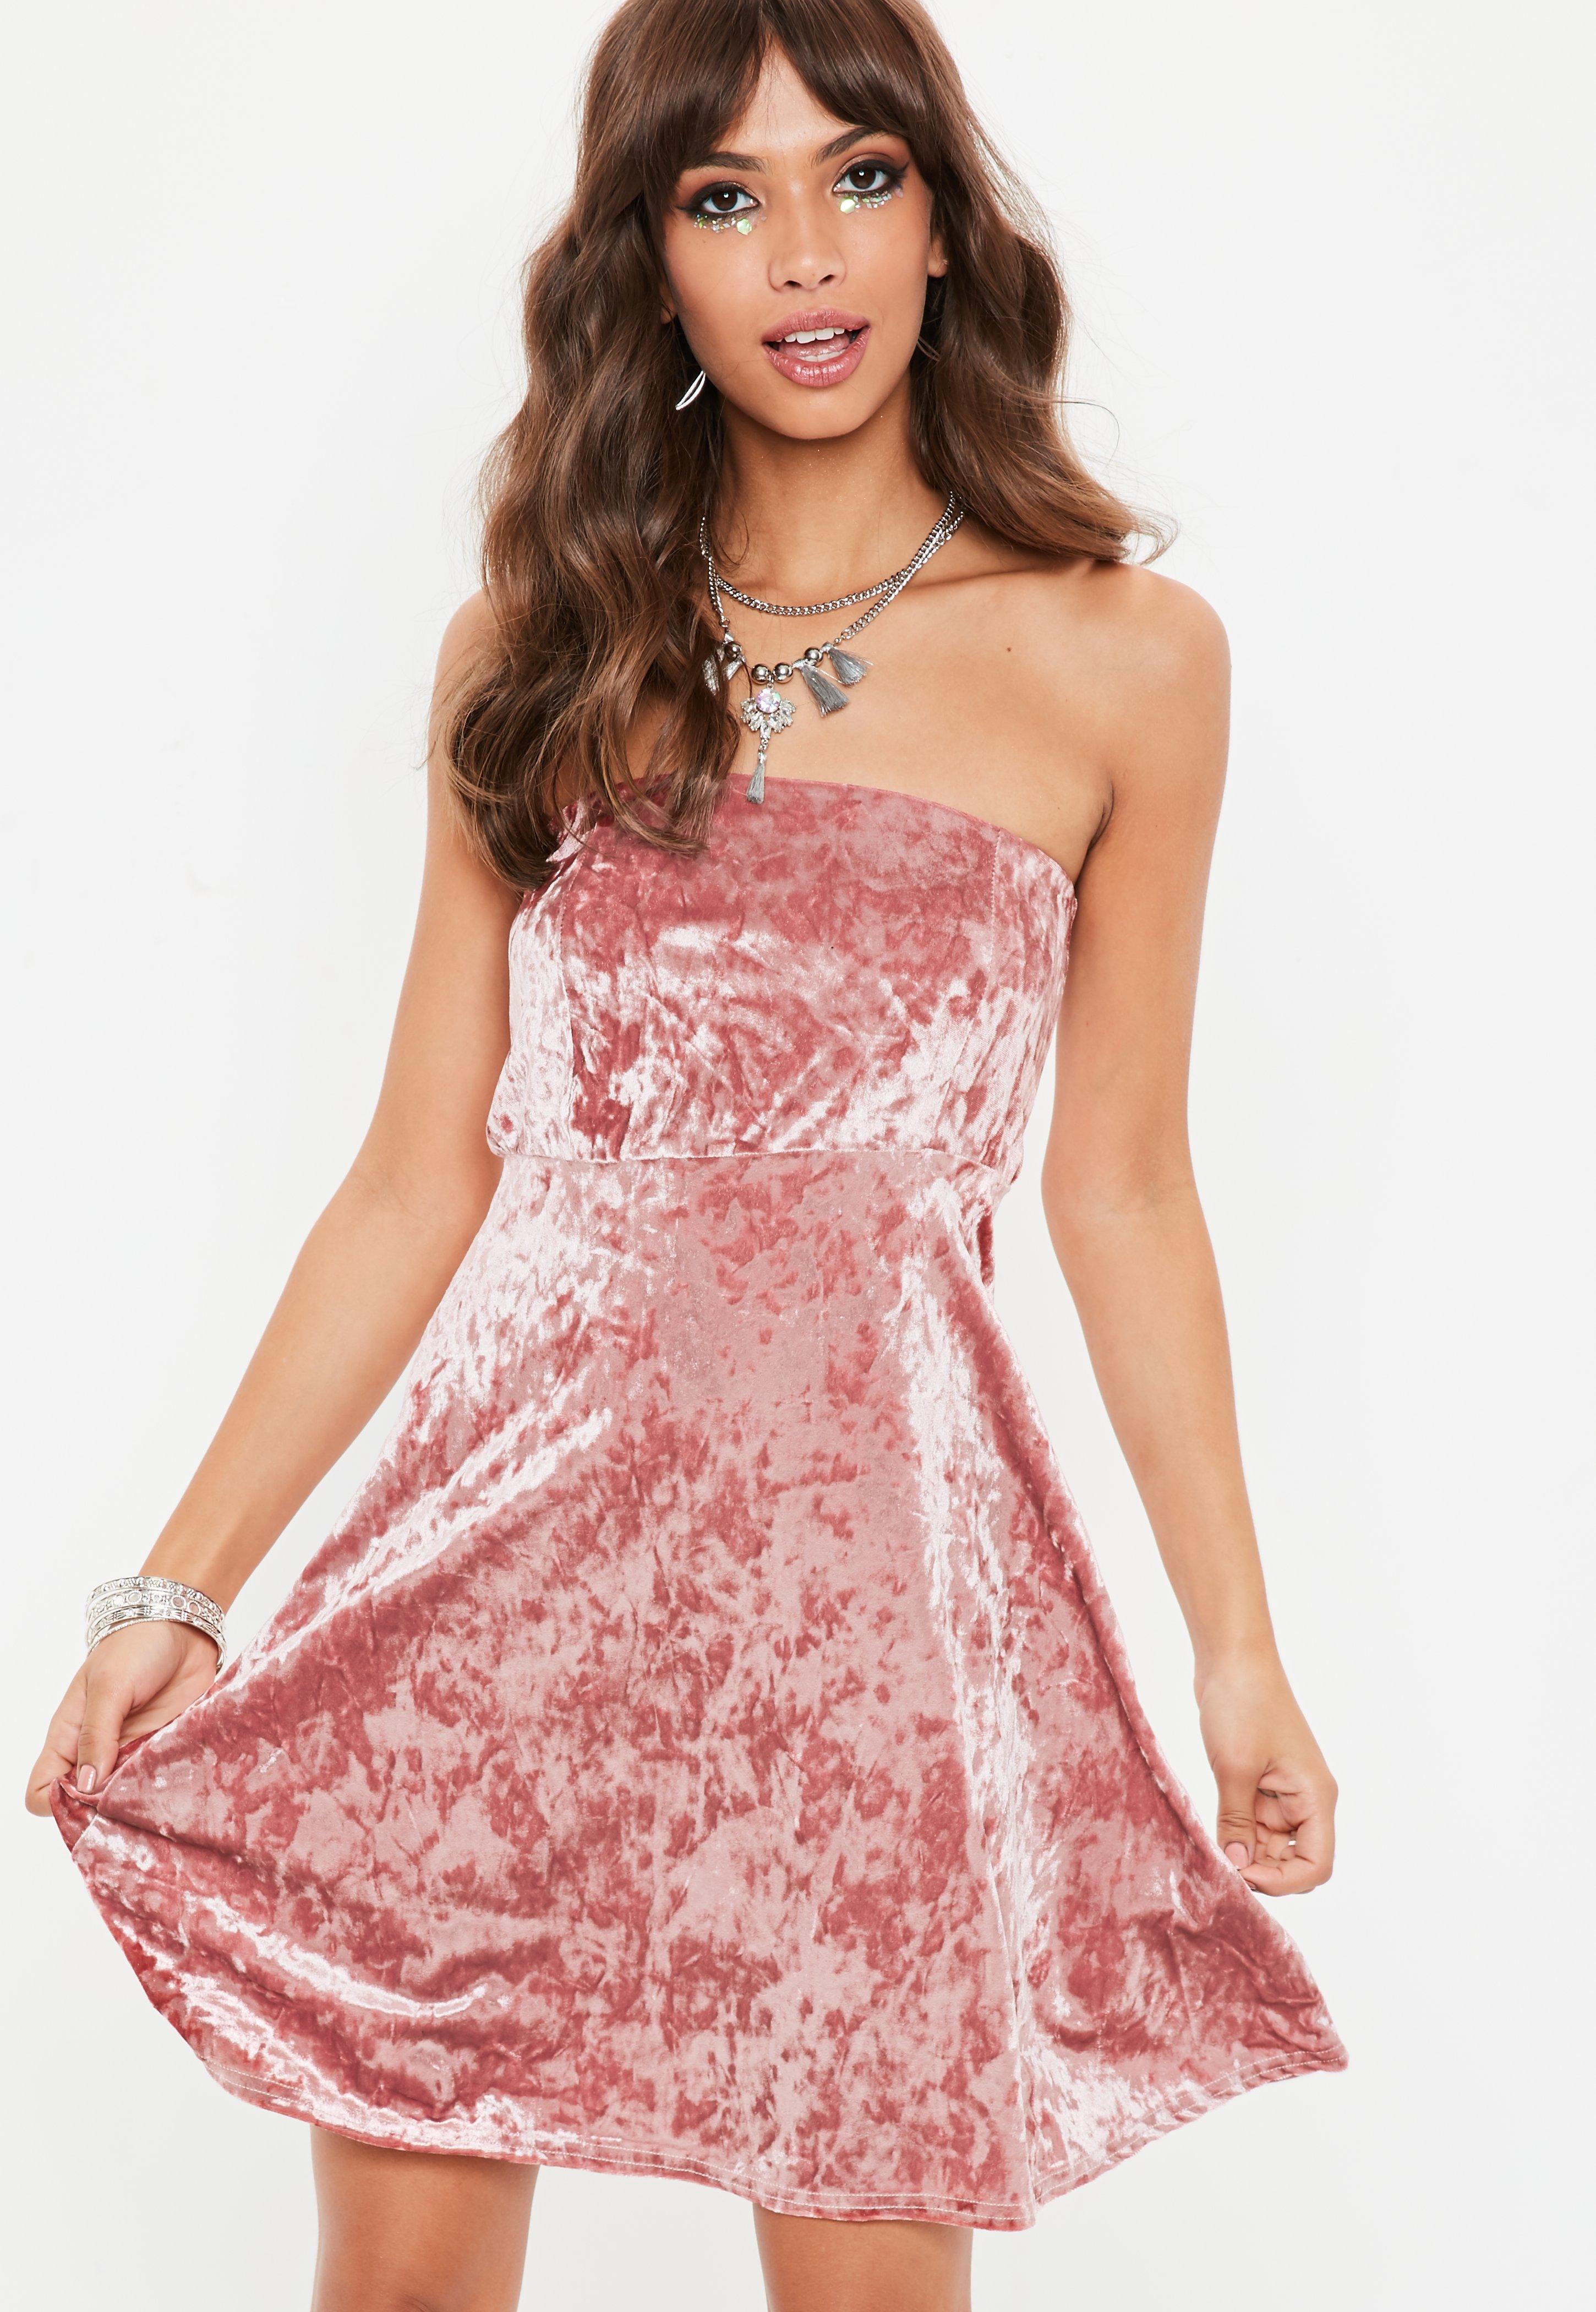 Samtkleider – Trend-Kleider für Damen - Missguided DE